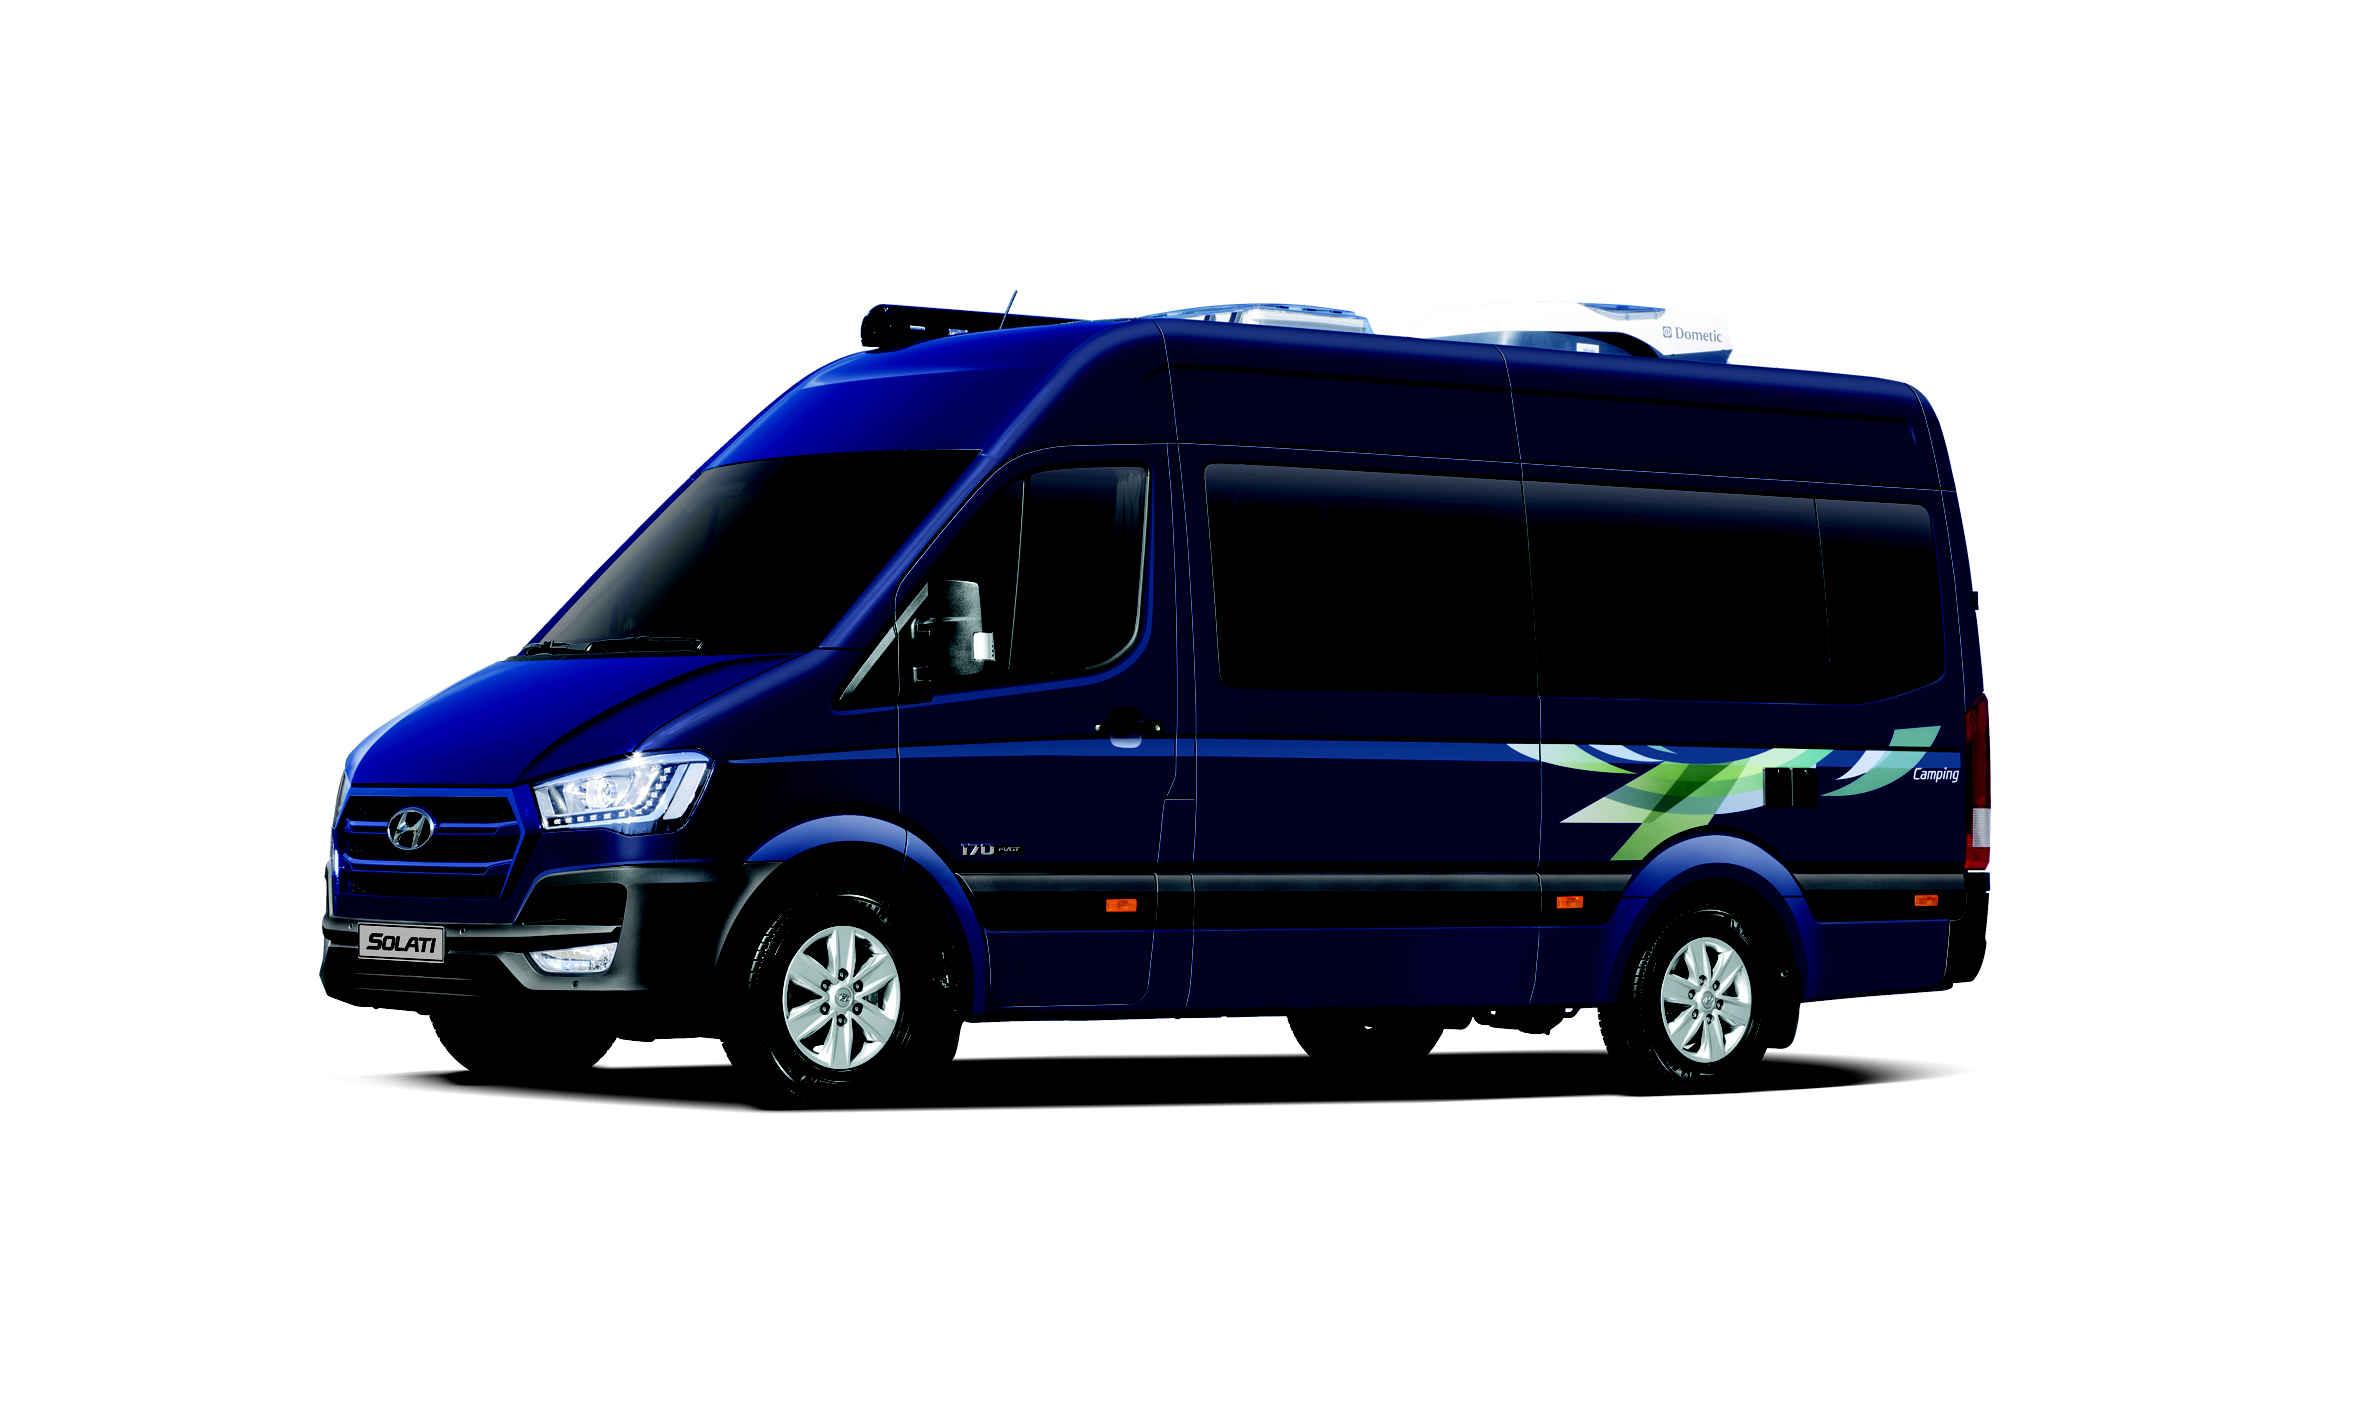 현대차, 쏠라티 캠핑카 출시